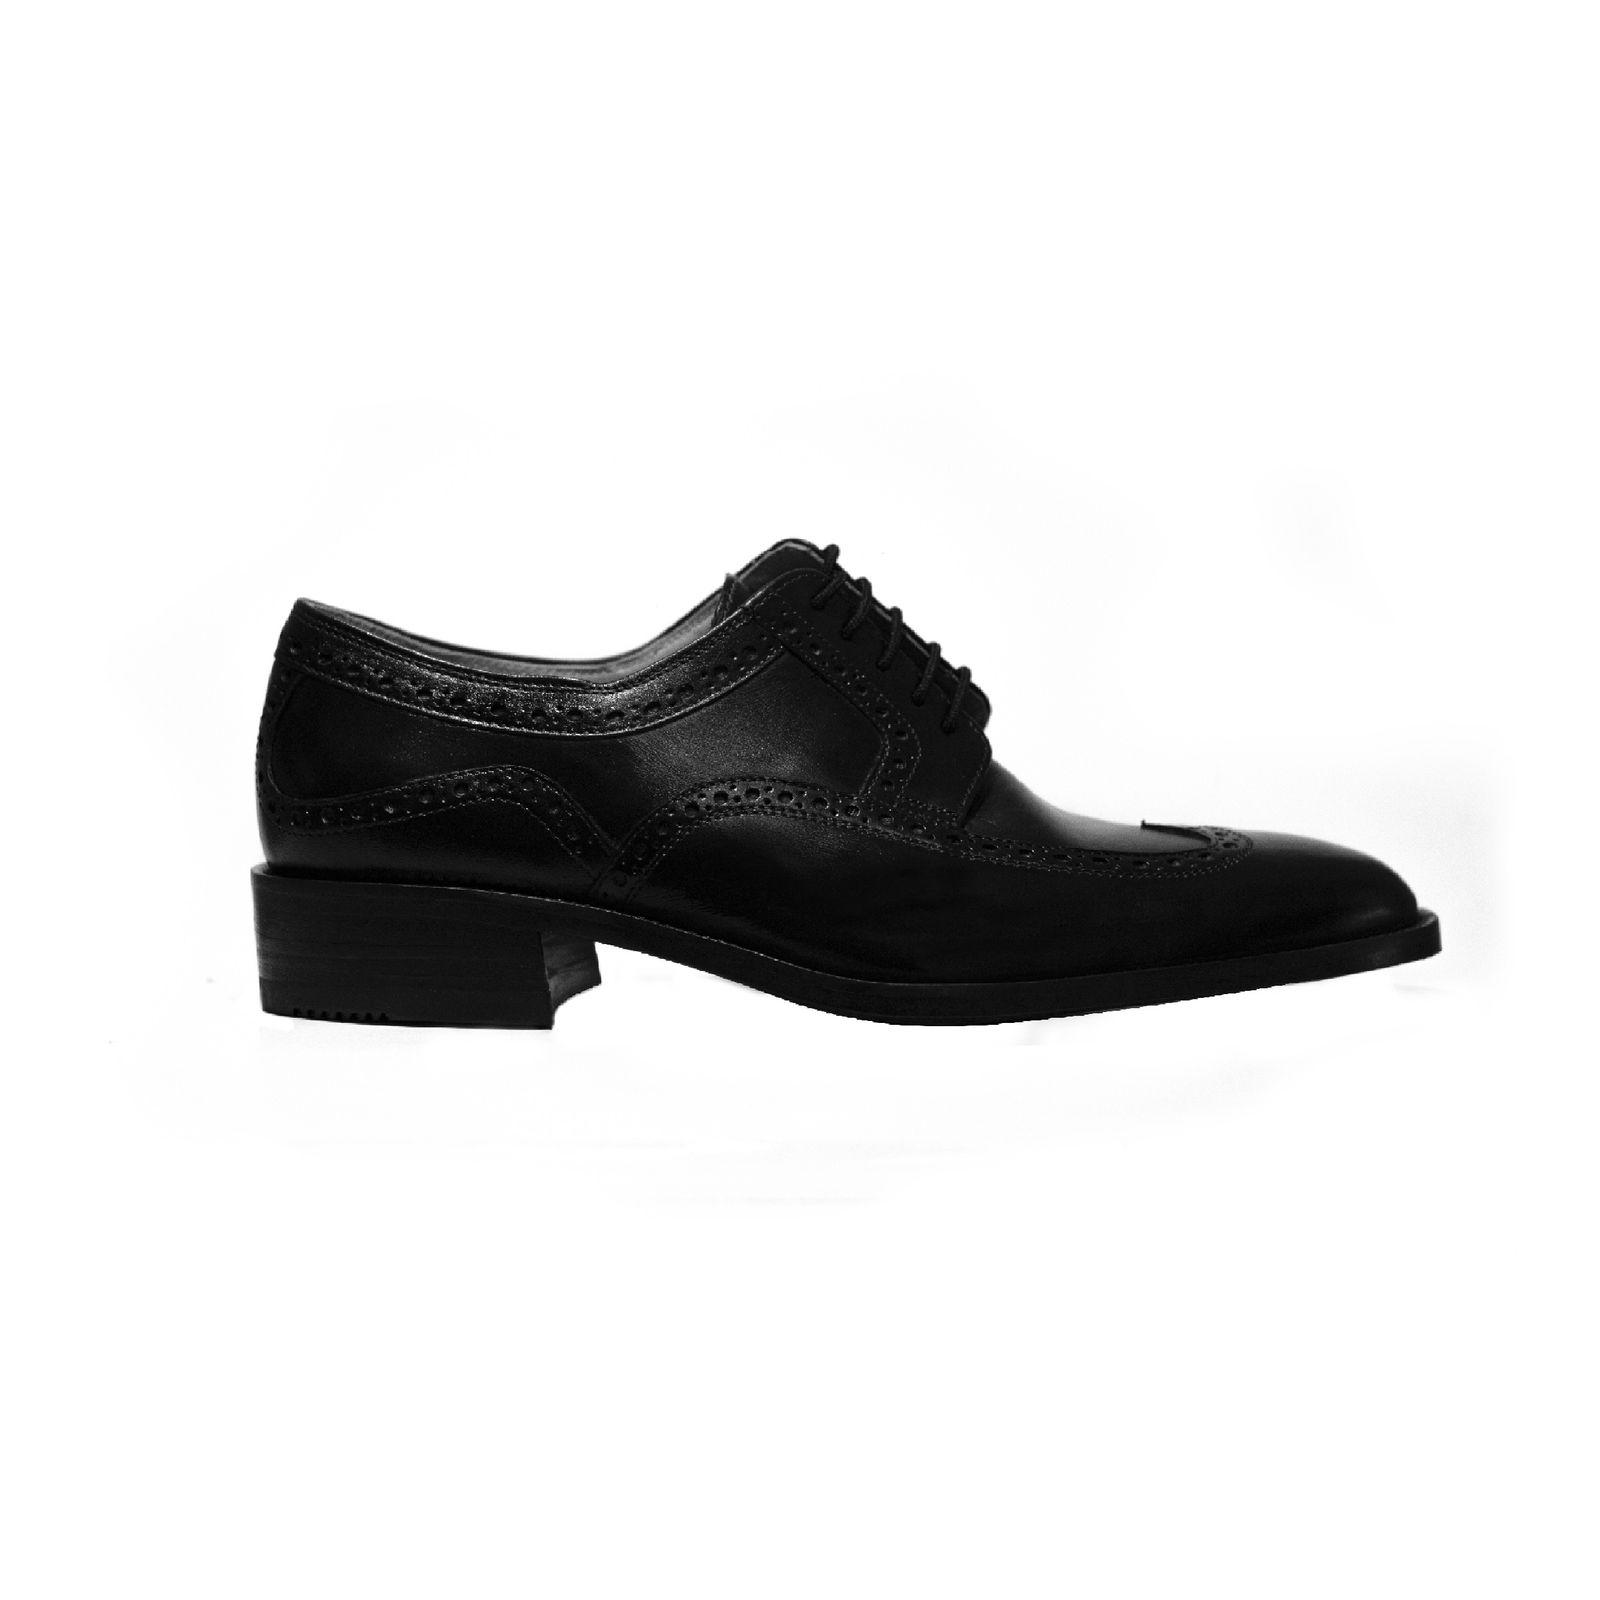 کفش مردانه کد 1034 -  - 2